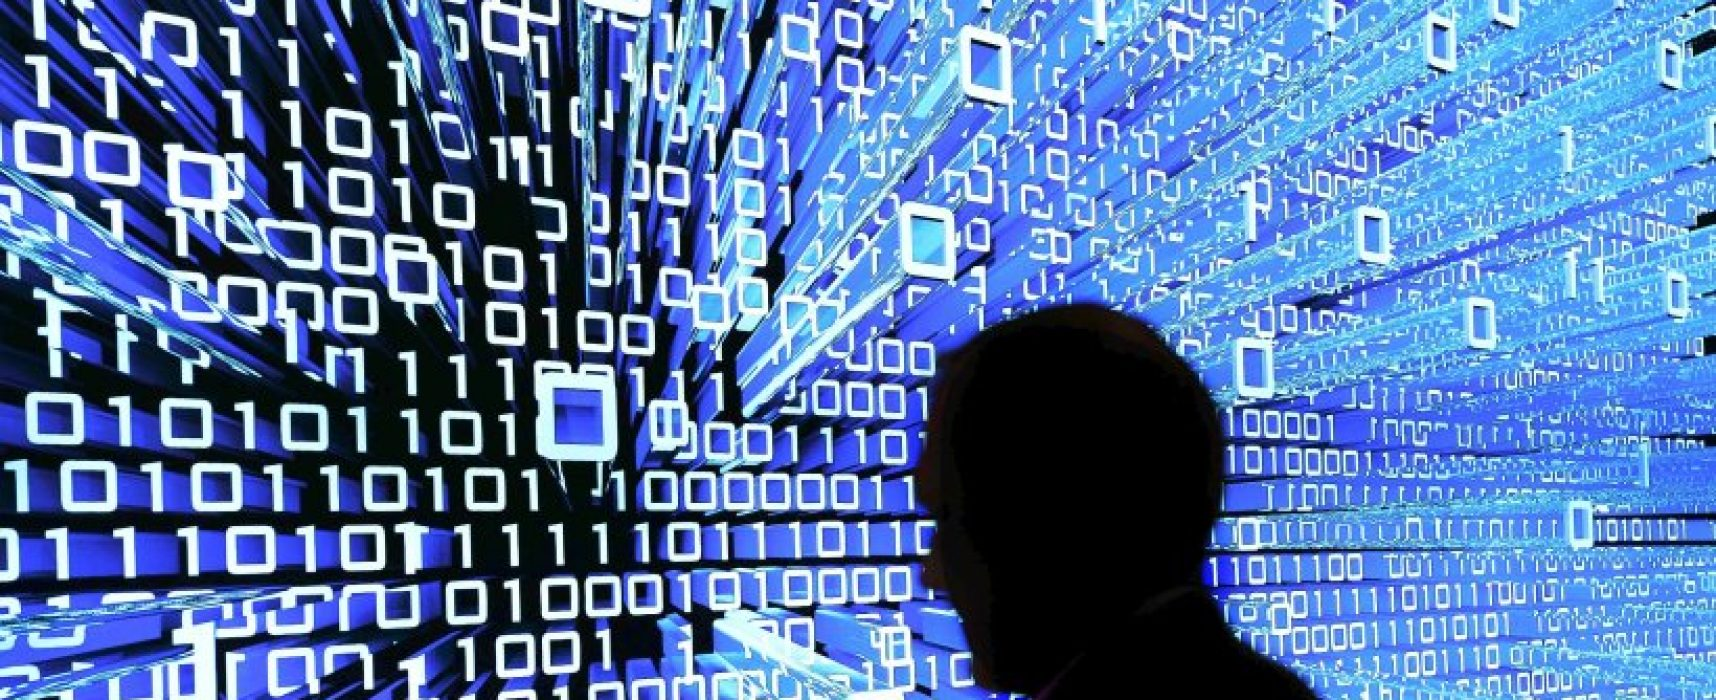 Cyberangriffe aus Russland: Hauptsache, Deutschland schaden